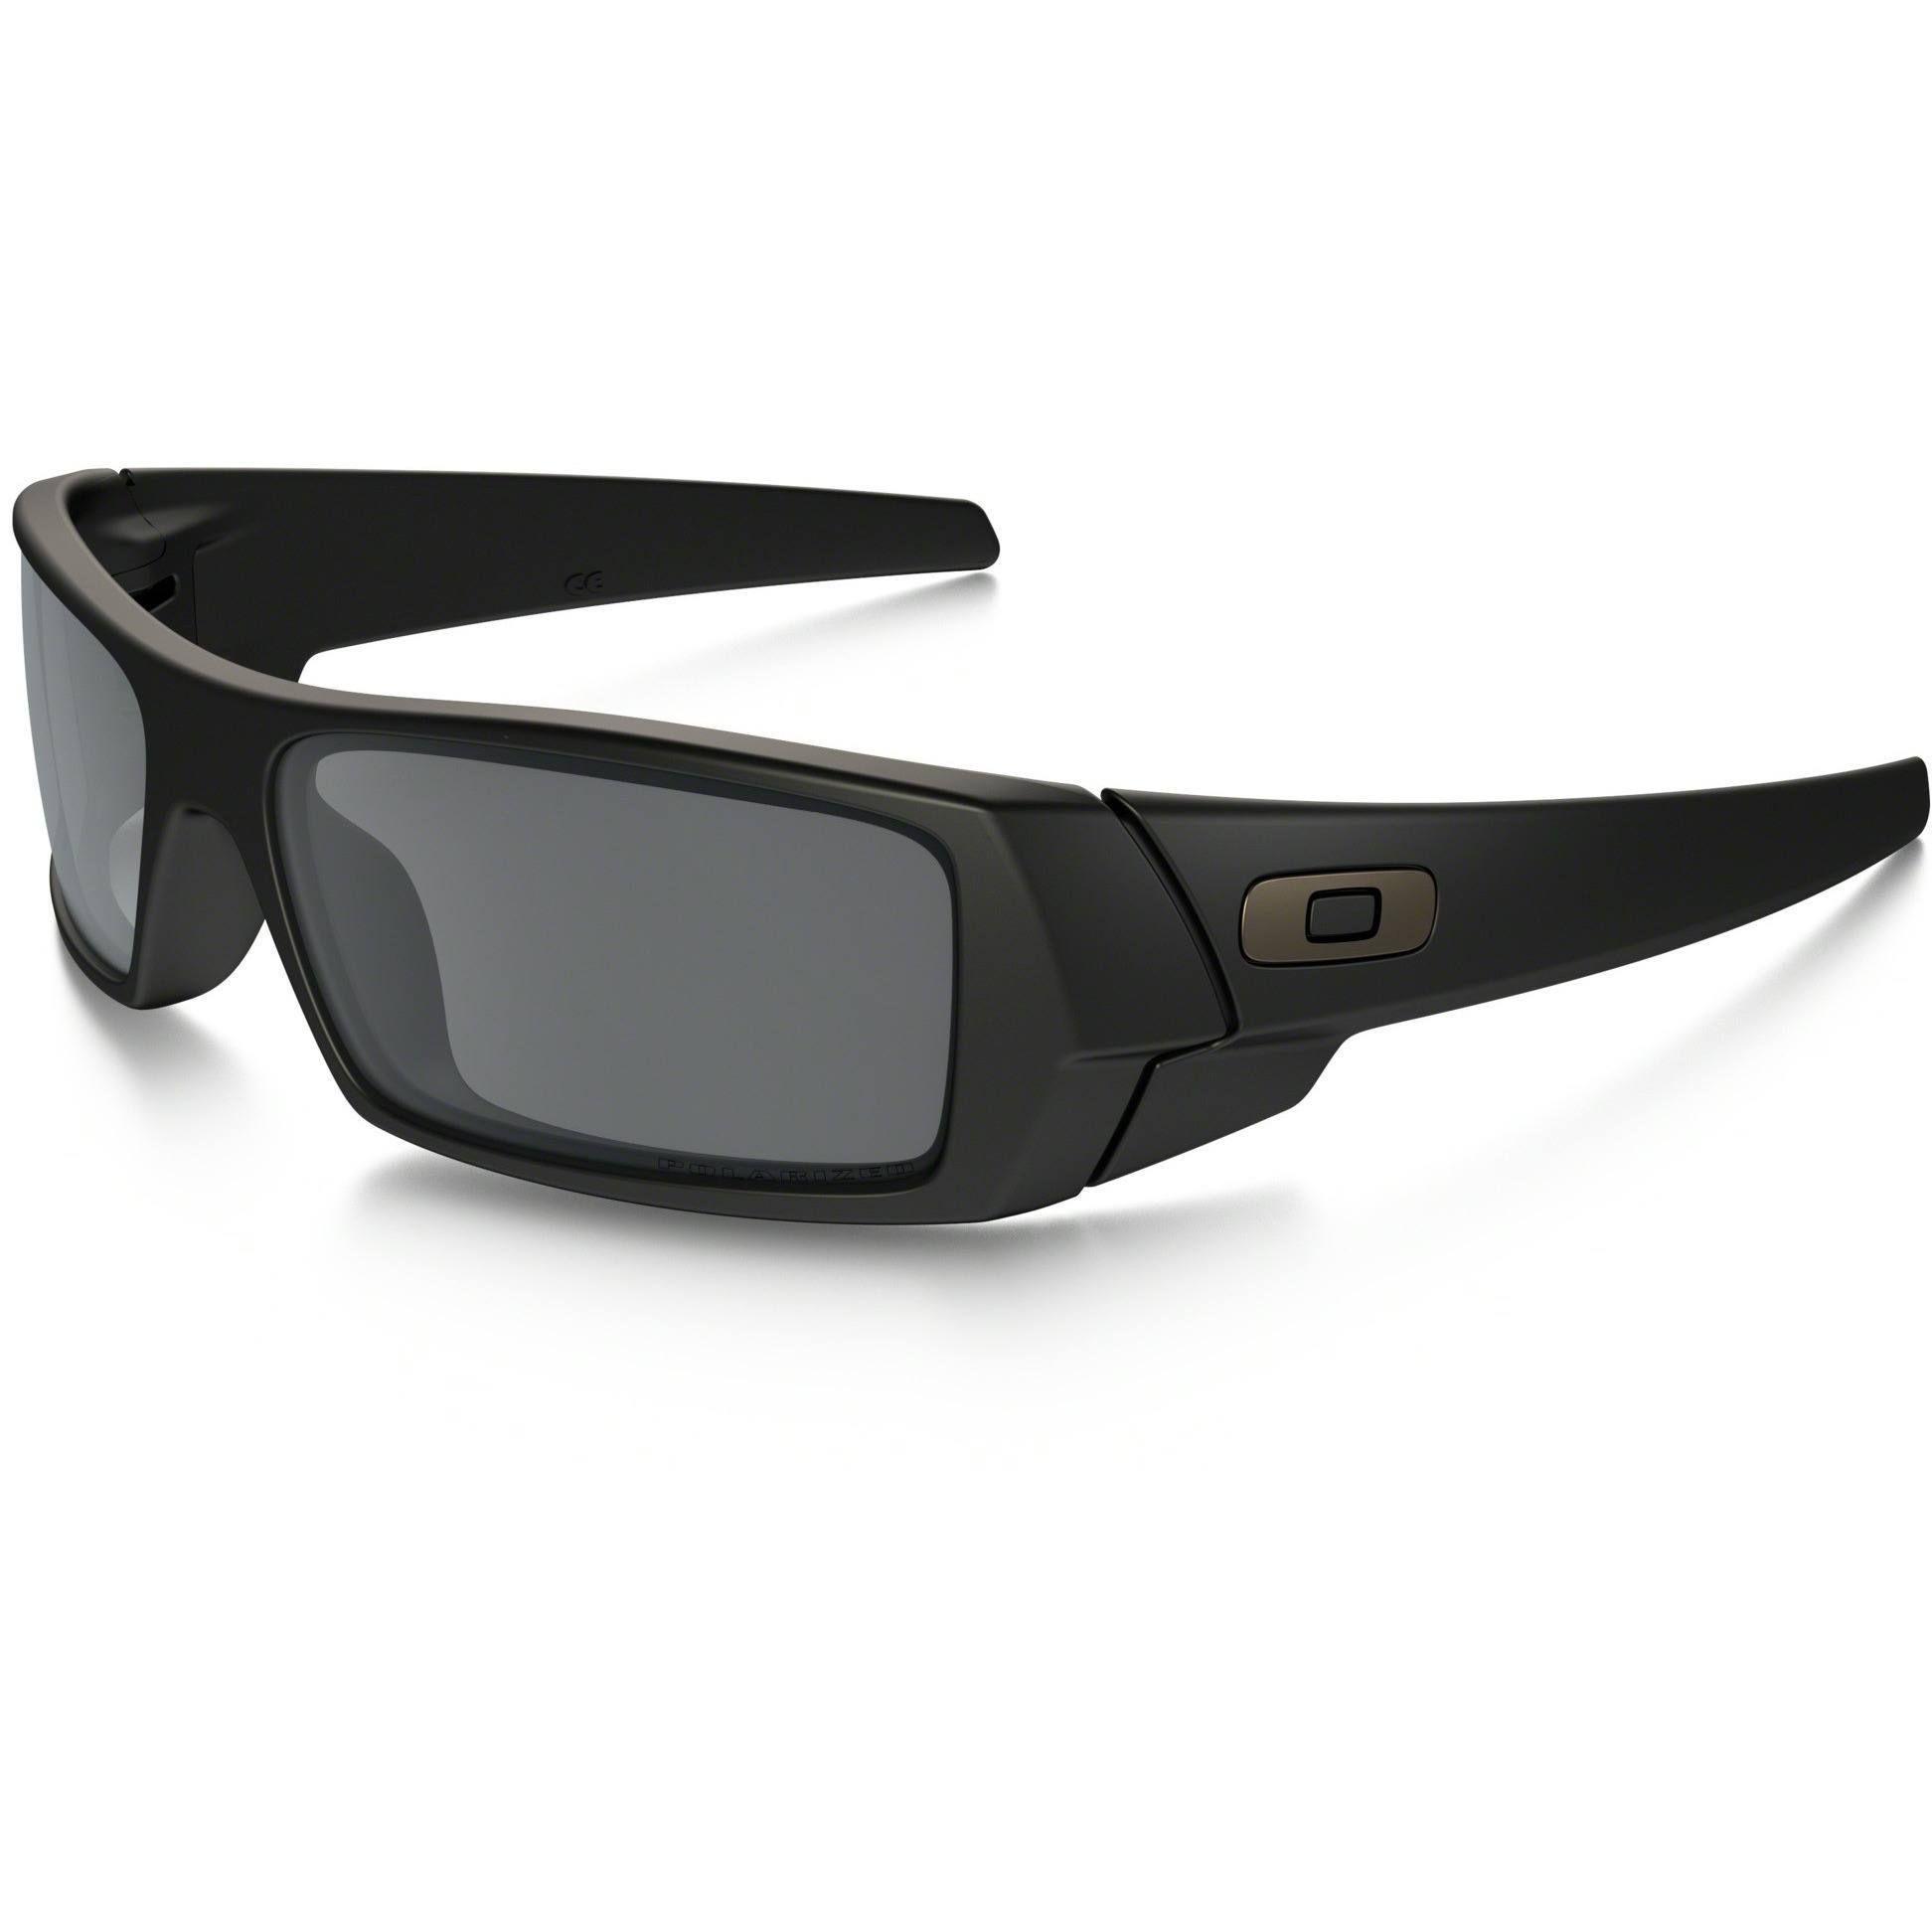 Oakley Gascan Polarized Sunglasses Oakley gascan, Oakley